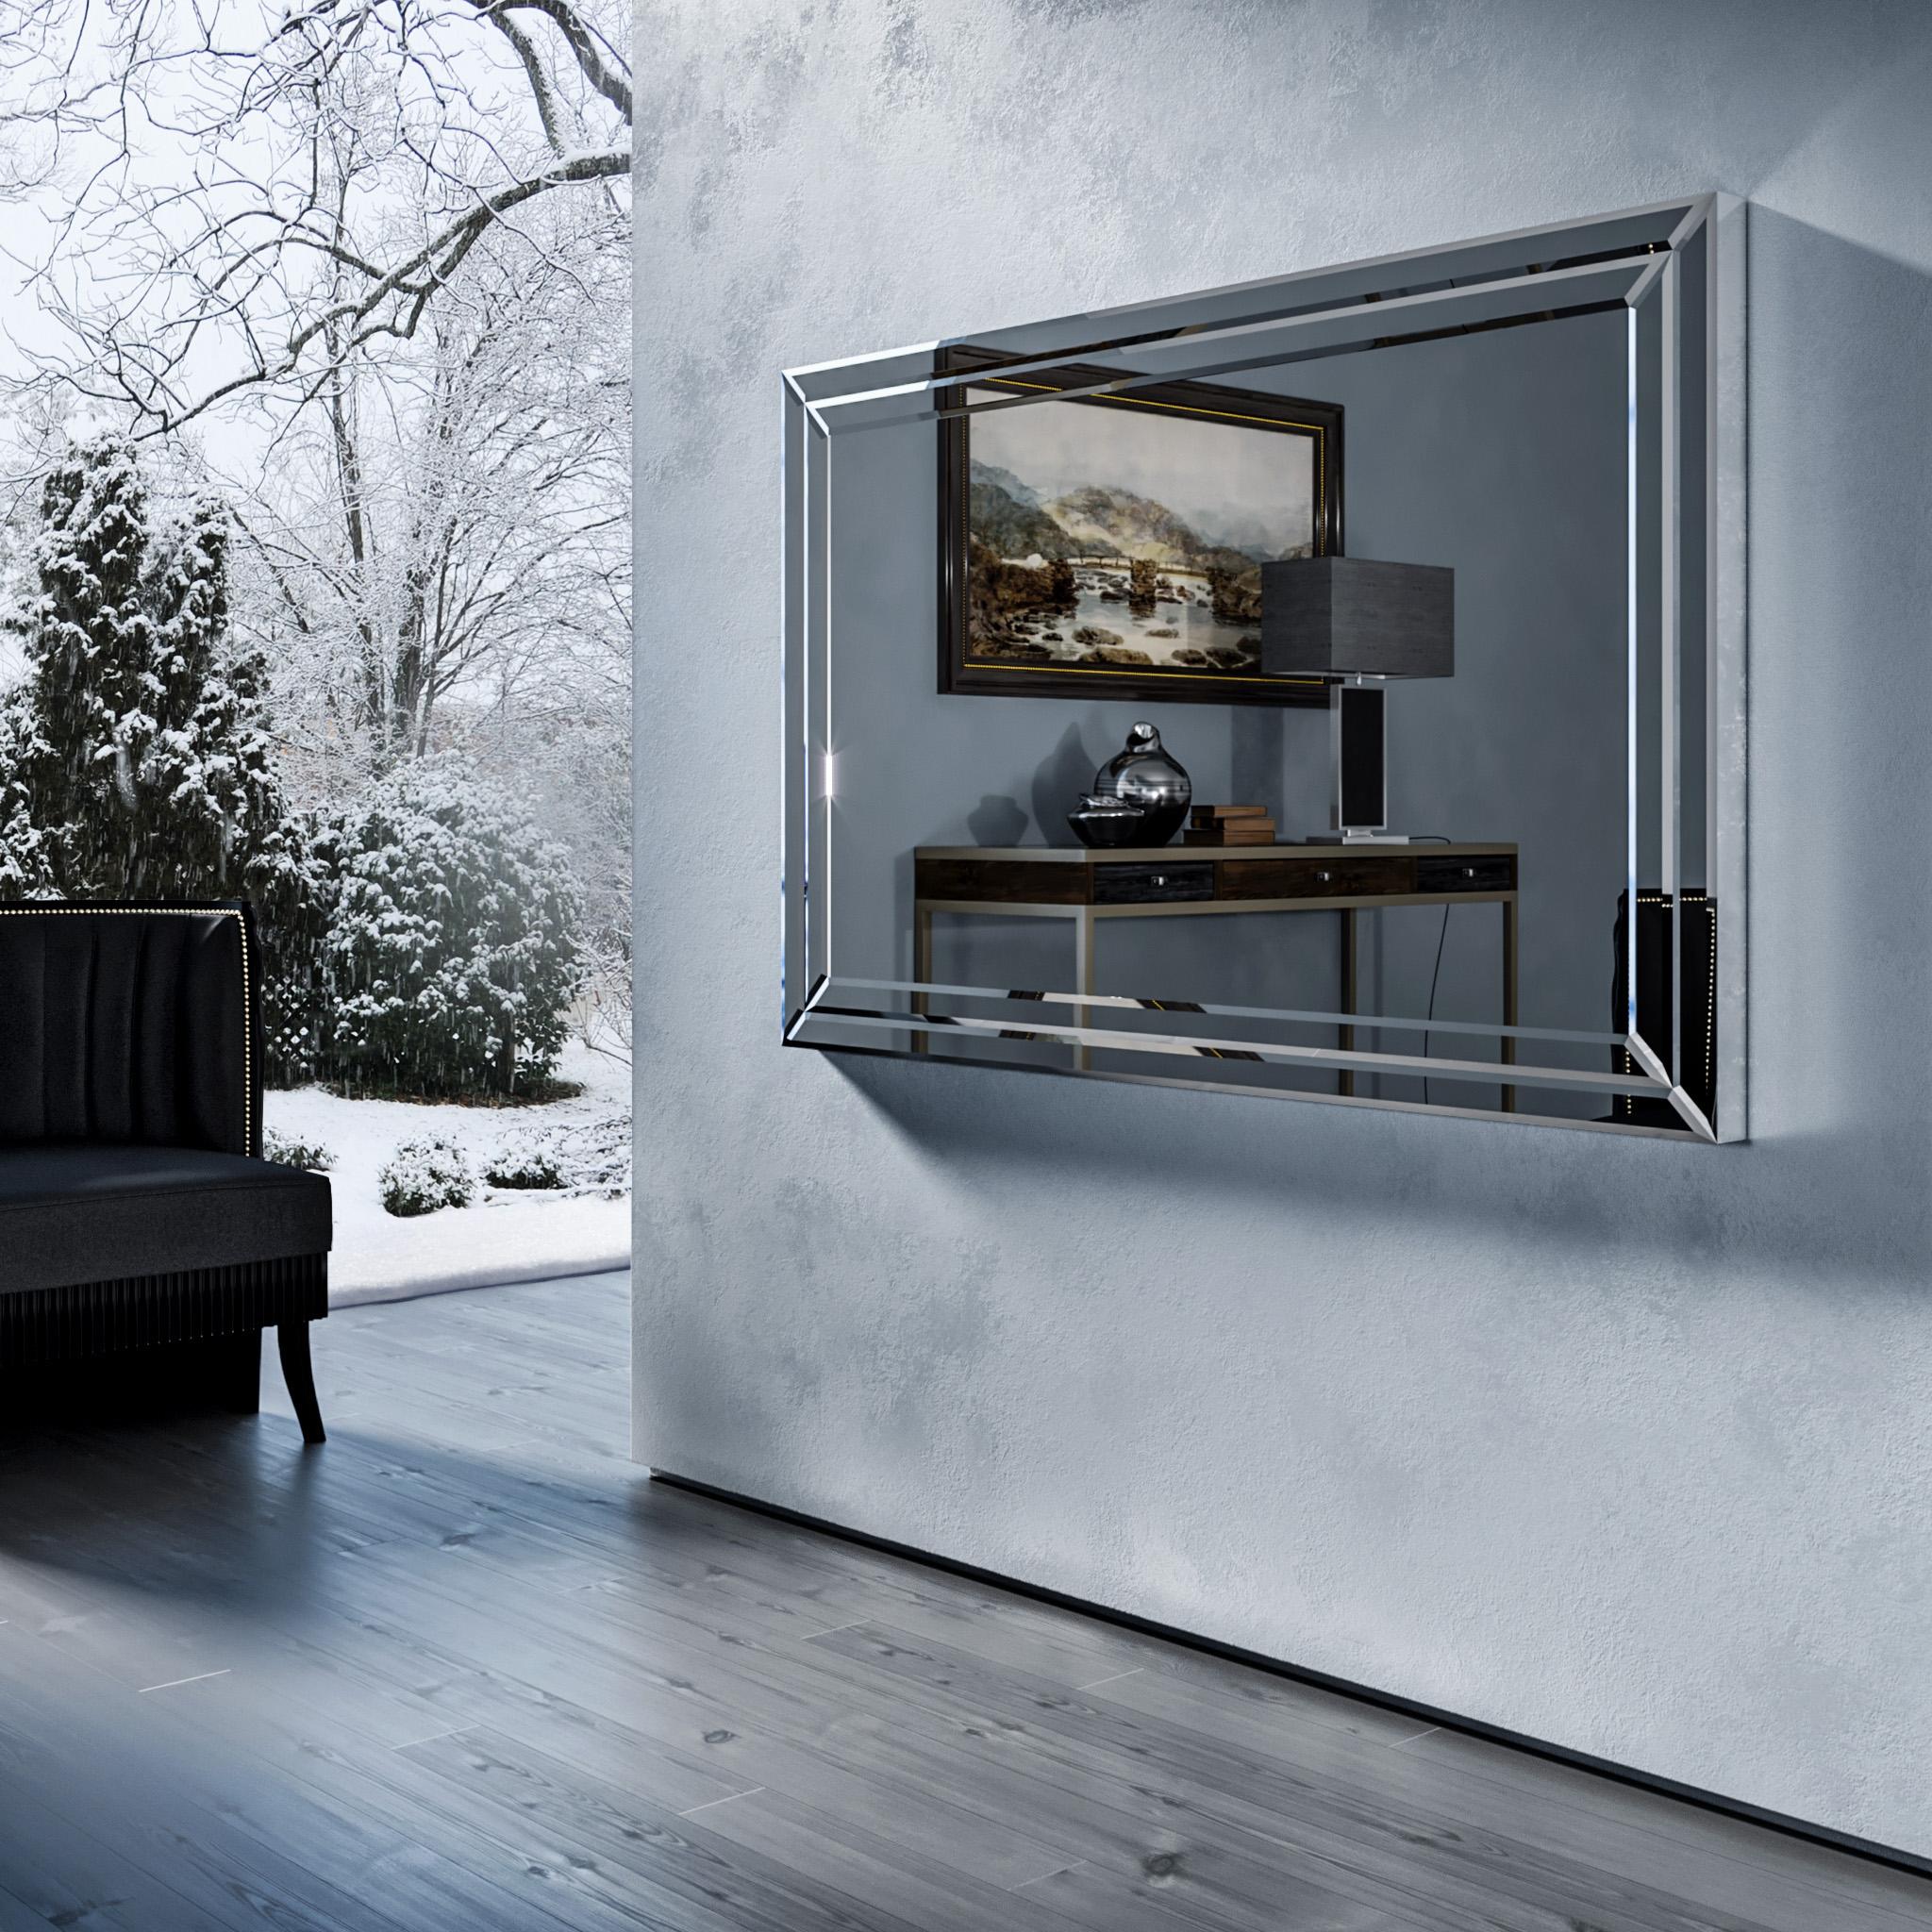 Зеркальный телевизор Tele-Art Q6B Crystal Frame Grafit Mirror в выключенном состоянии